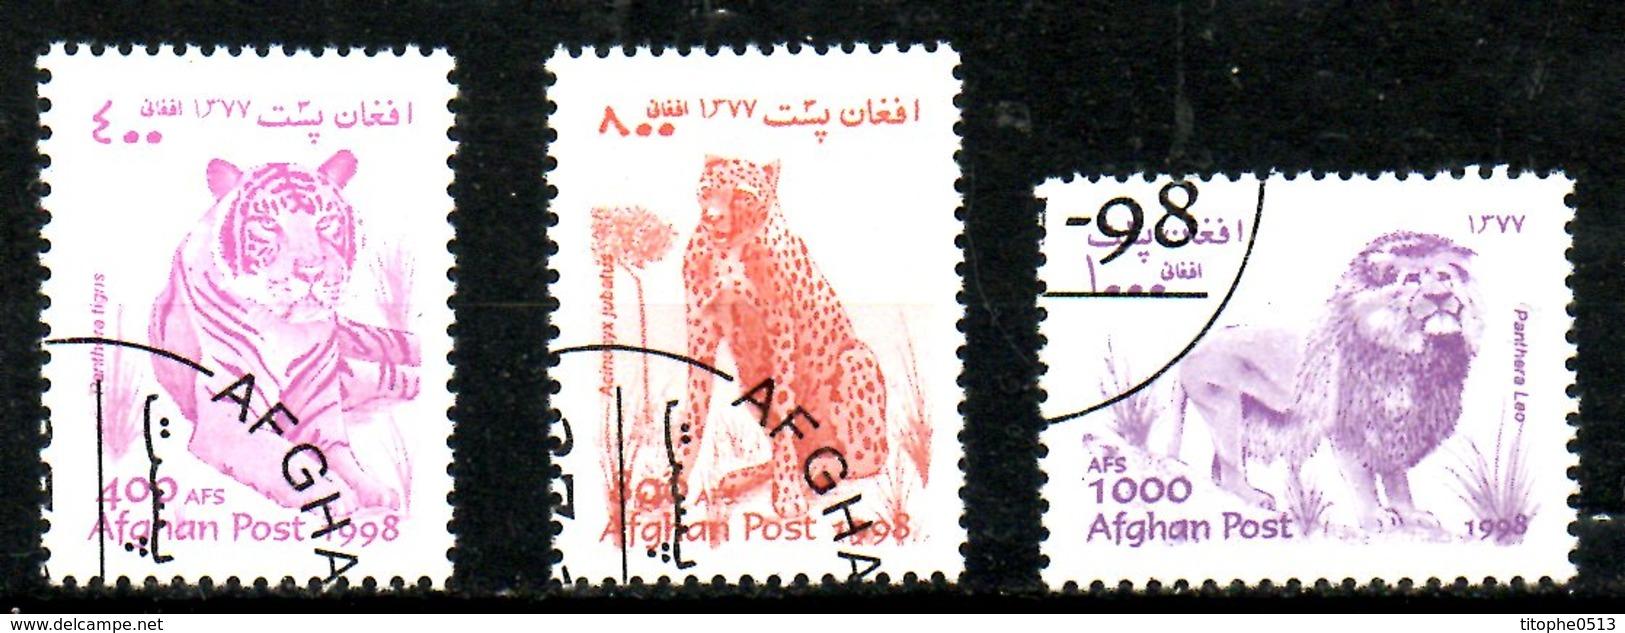 AFGHANISTAN. 3 Timbres Oblitérés De 1998. Félins. - Roofkatten